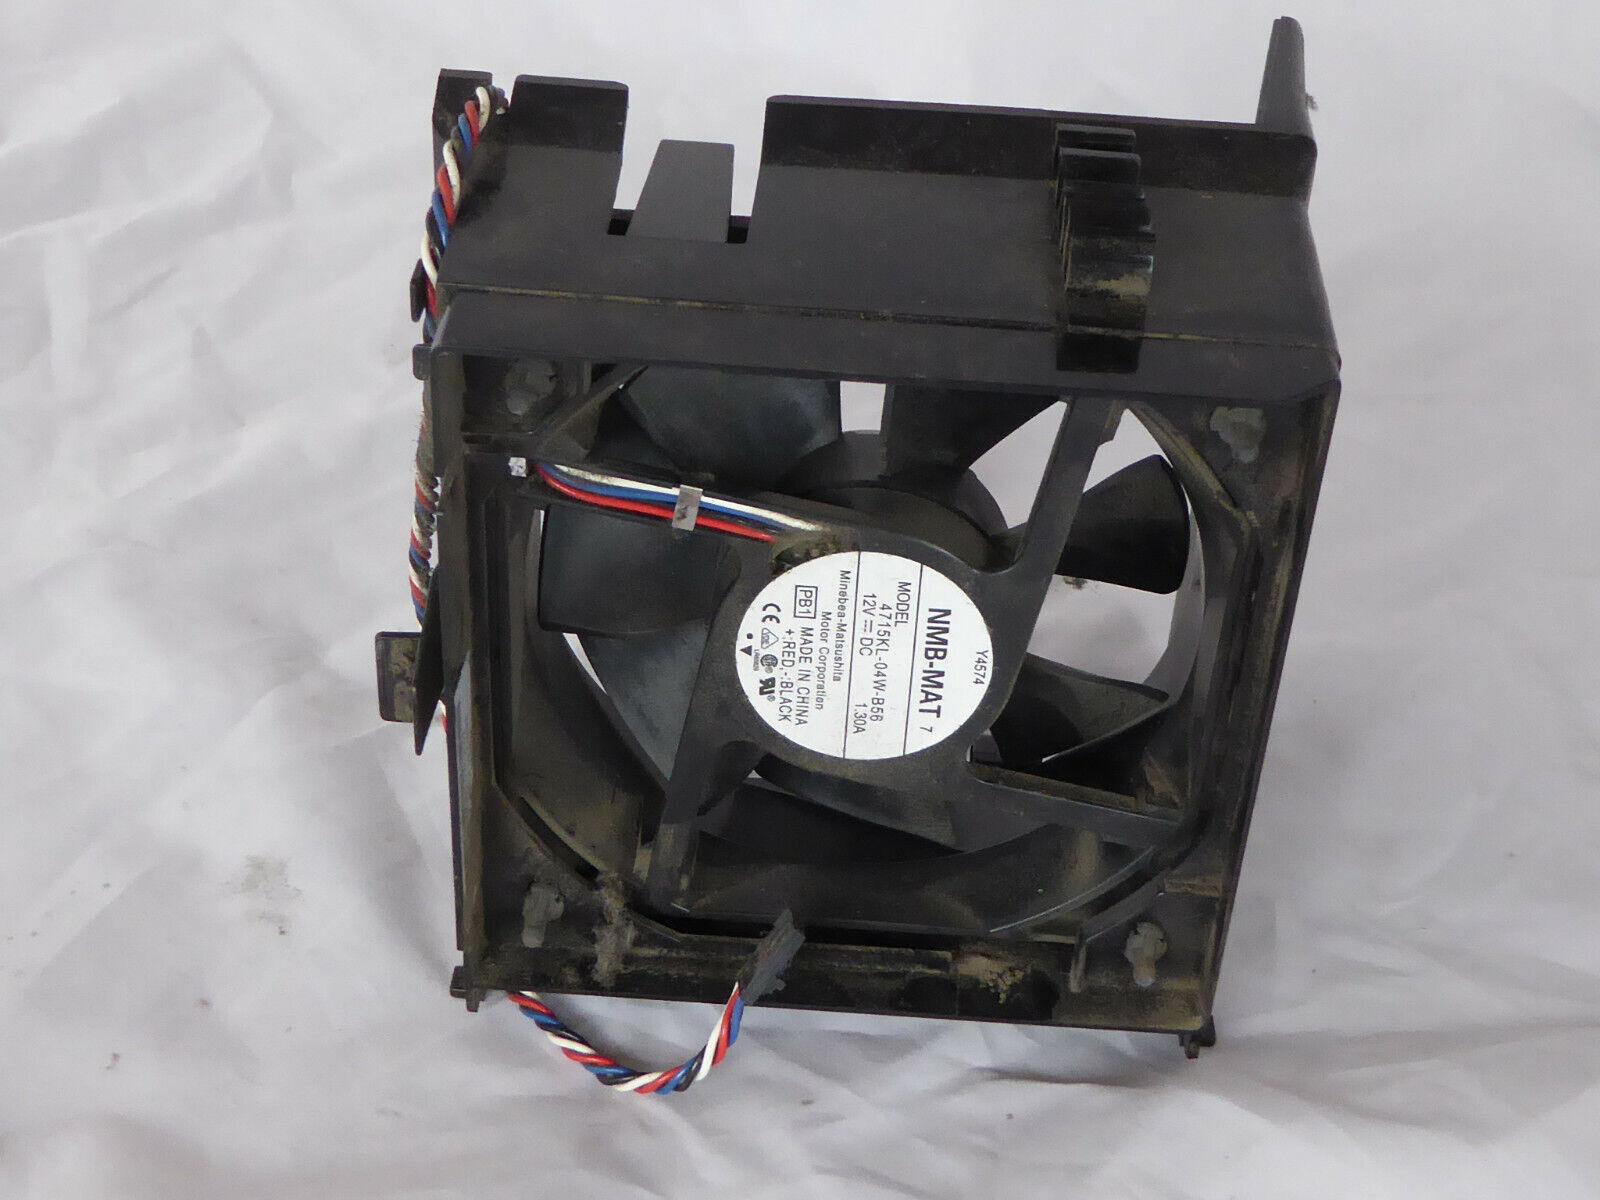 NMB 4715KL-07W-B30 fan 120*120*38mm 48V 0.21A 12CM 2pin Case Cooling Fan